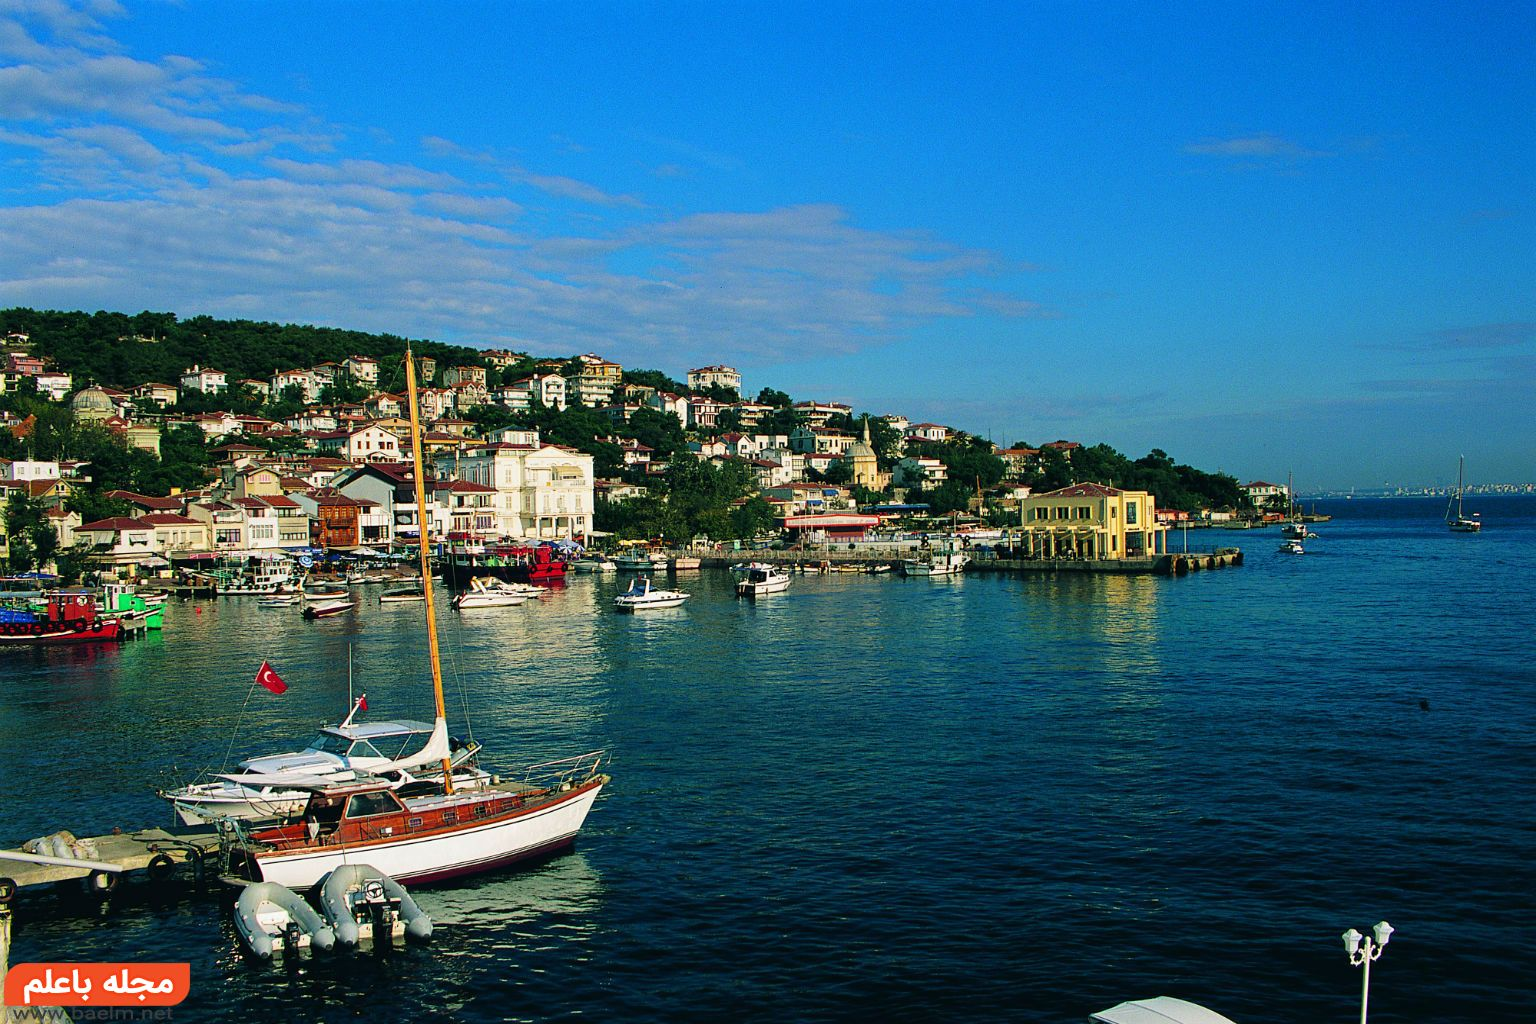 استانبول؛ شهر جزیرههای زیبا و تفریحات هیجانانگیز